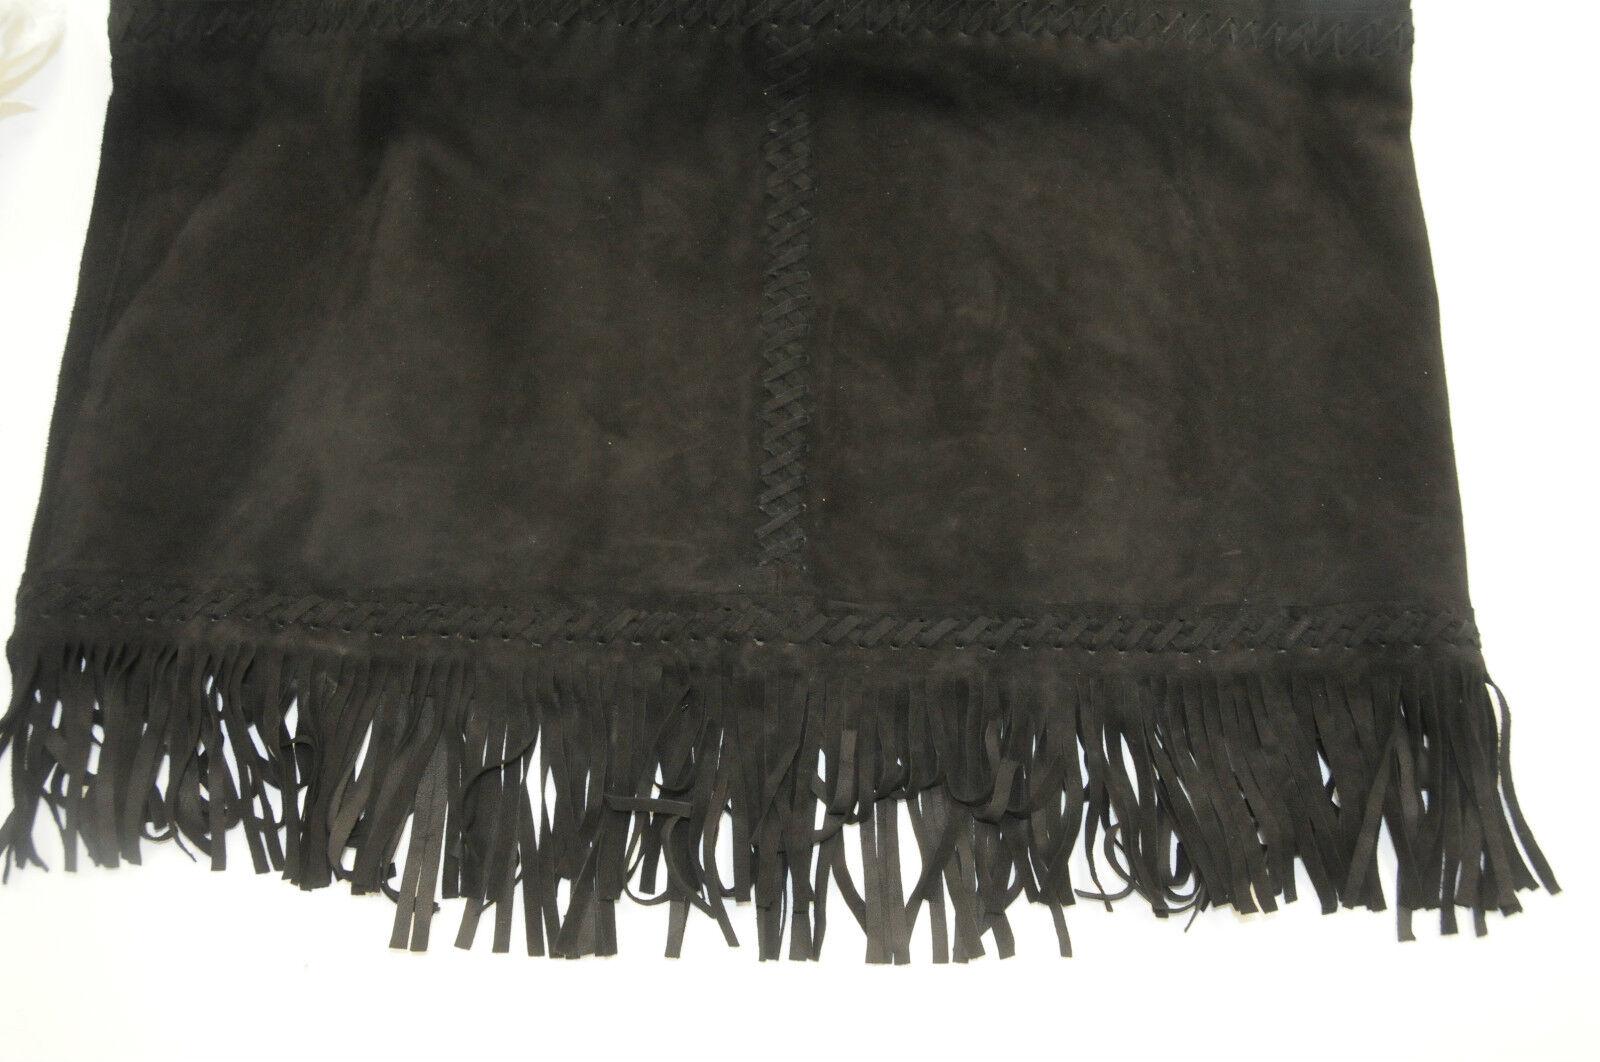 Tamara Mellon Camoscio Nero Nero Nero Frangia Vestito Cagliato Jimmy Choo Founder 4 6 dfbaf7